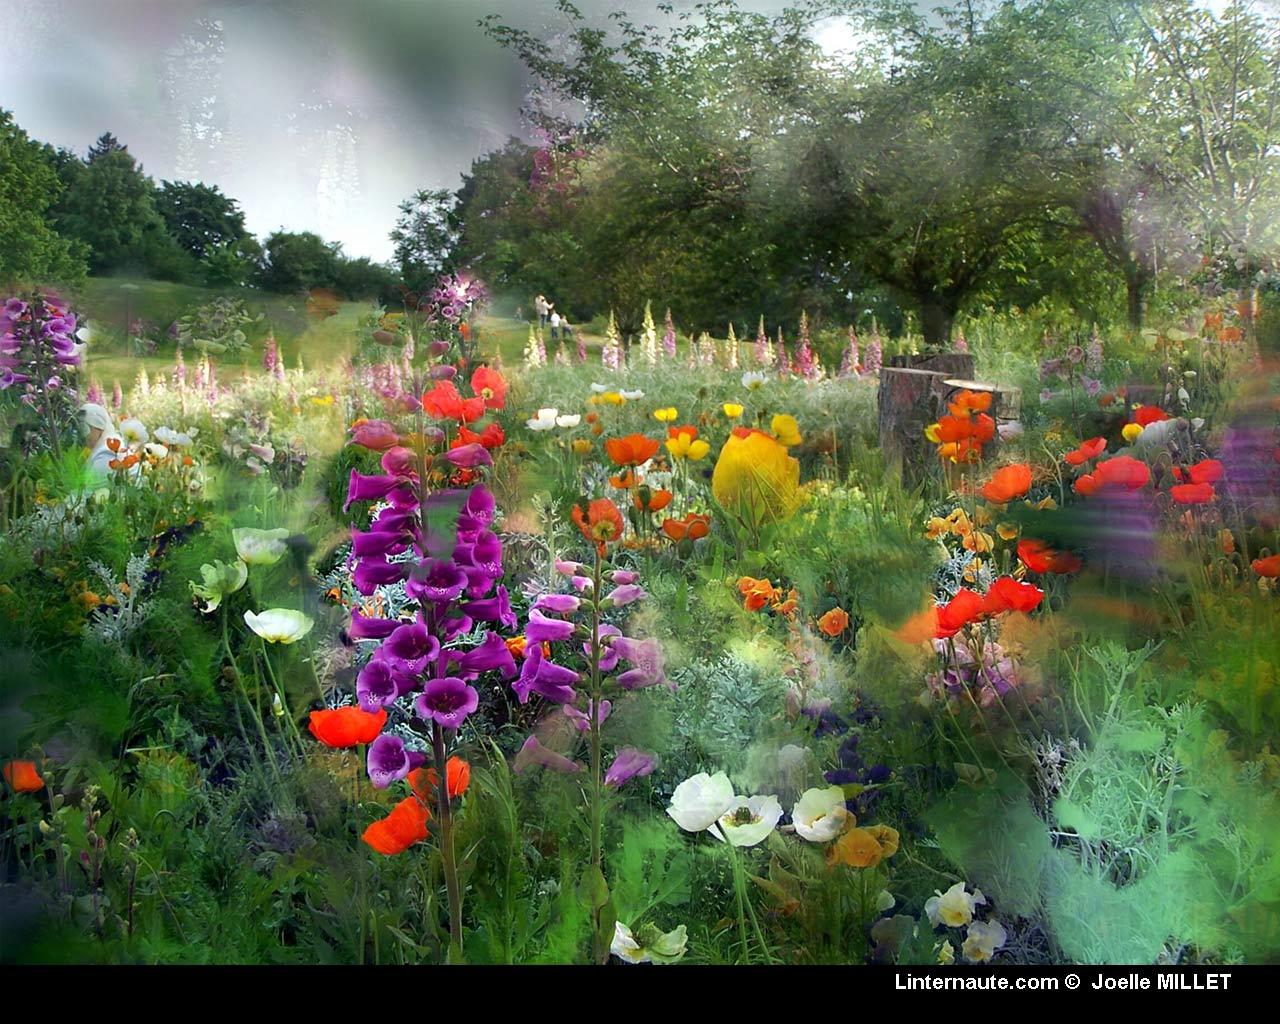 Fond d ecran gratuit printemps fashion designs - Catalogue de fleurs gratuit ...